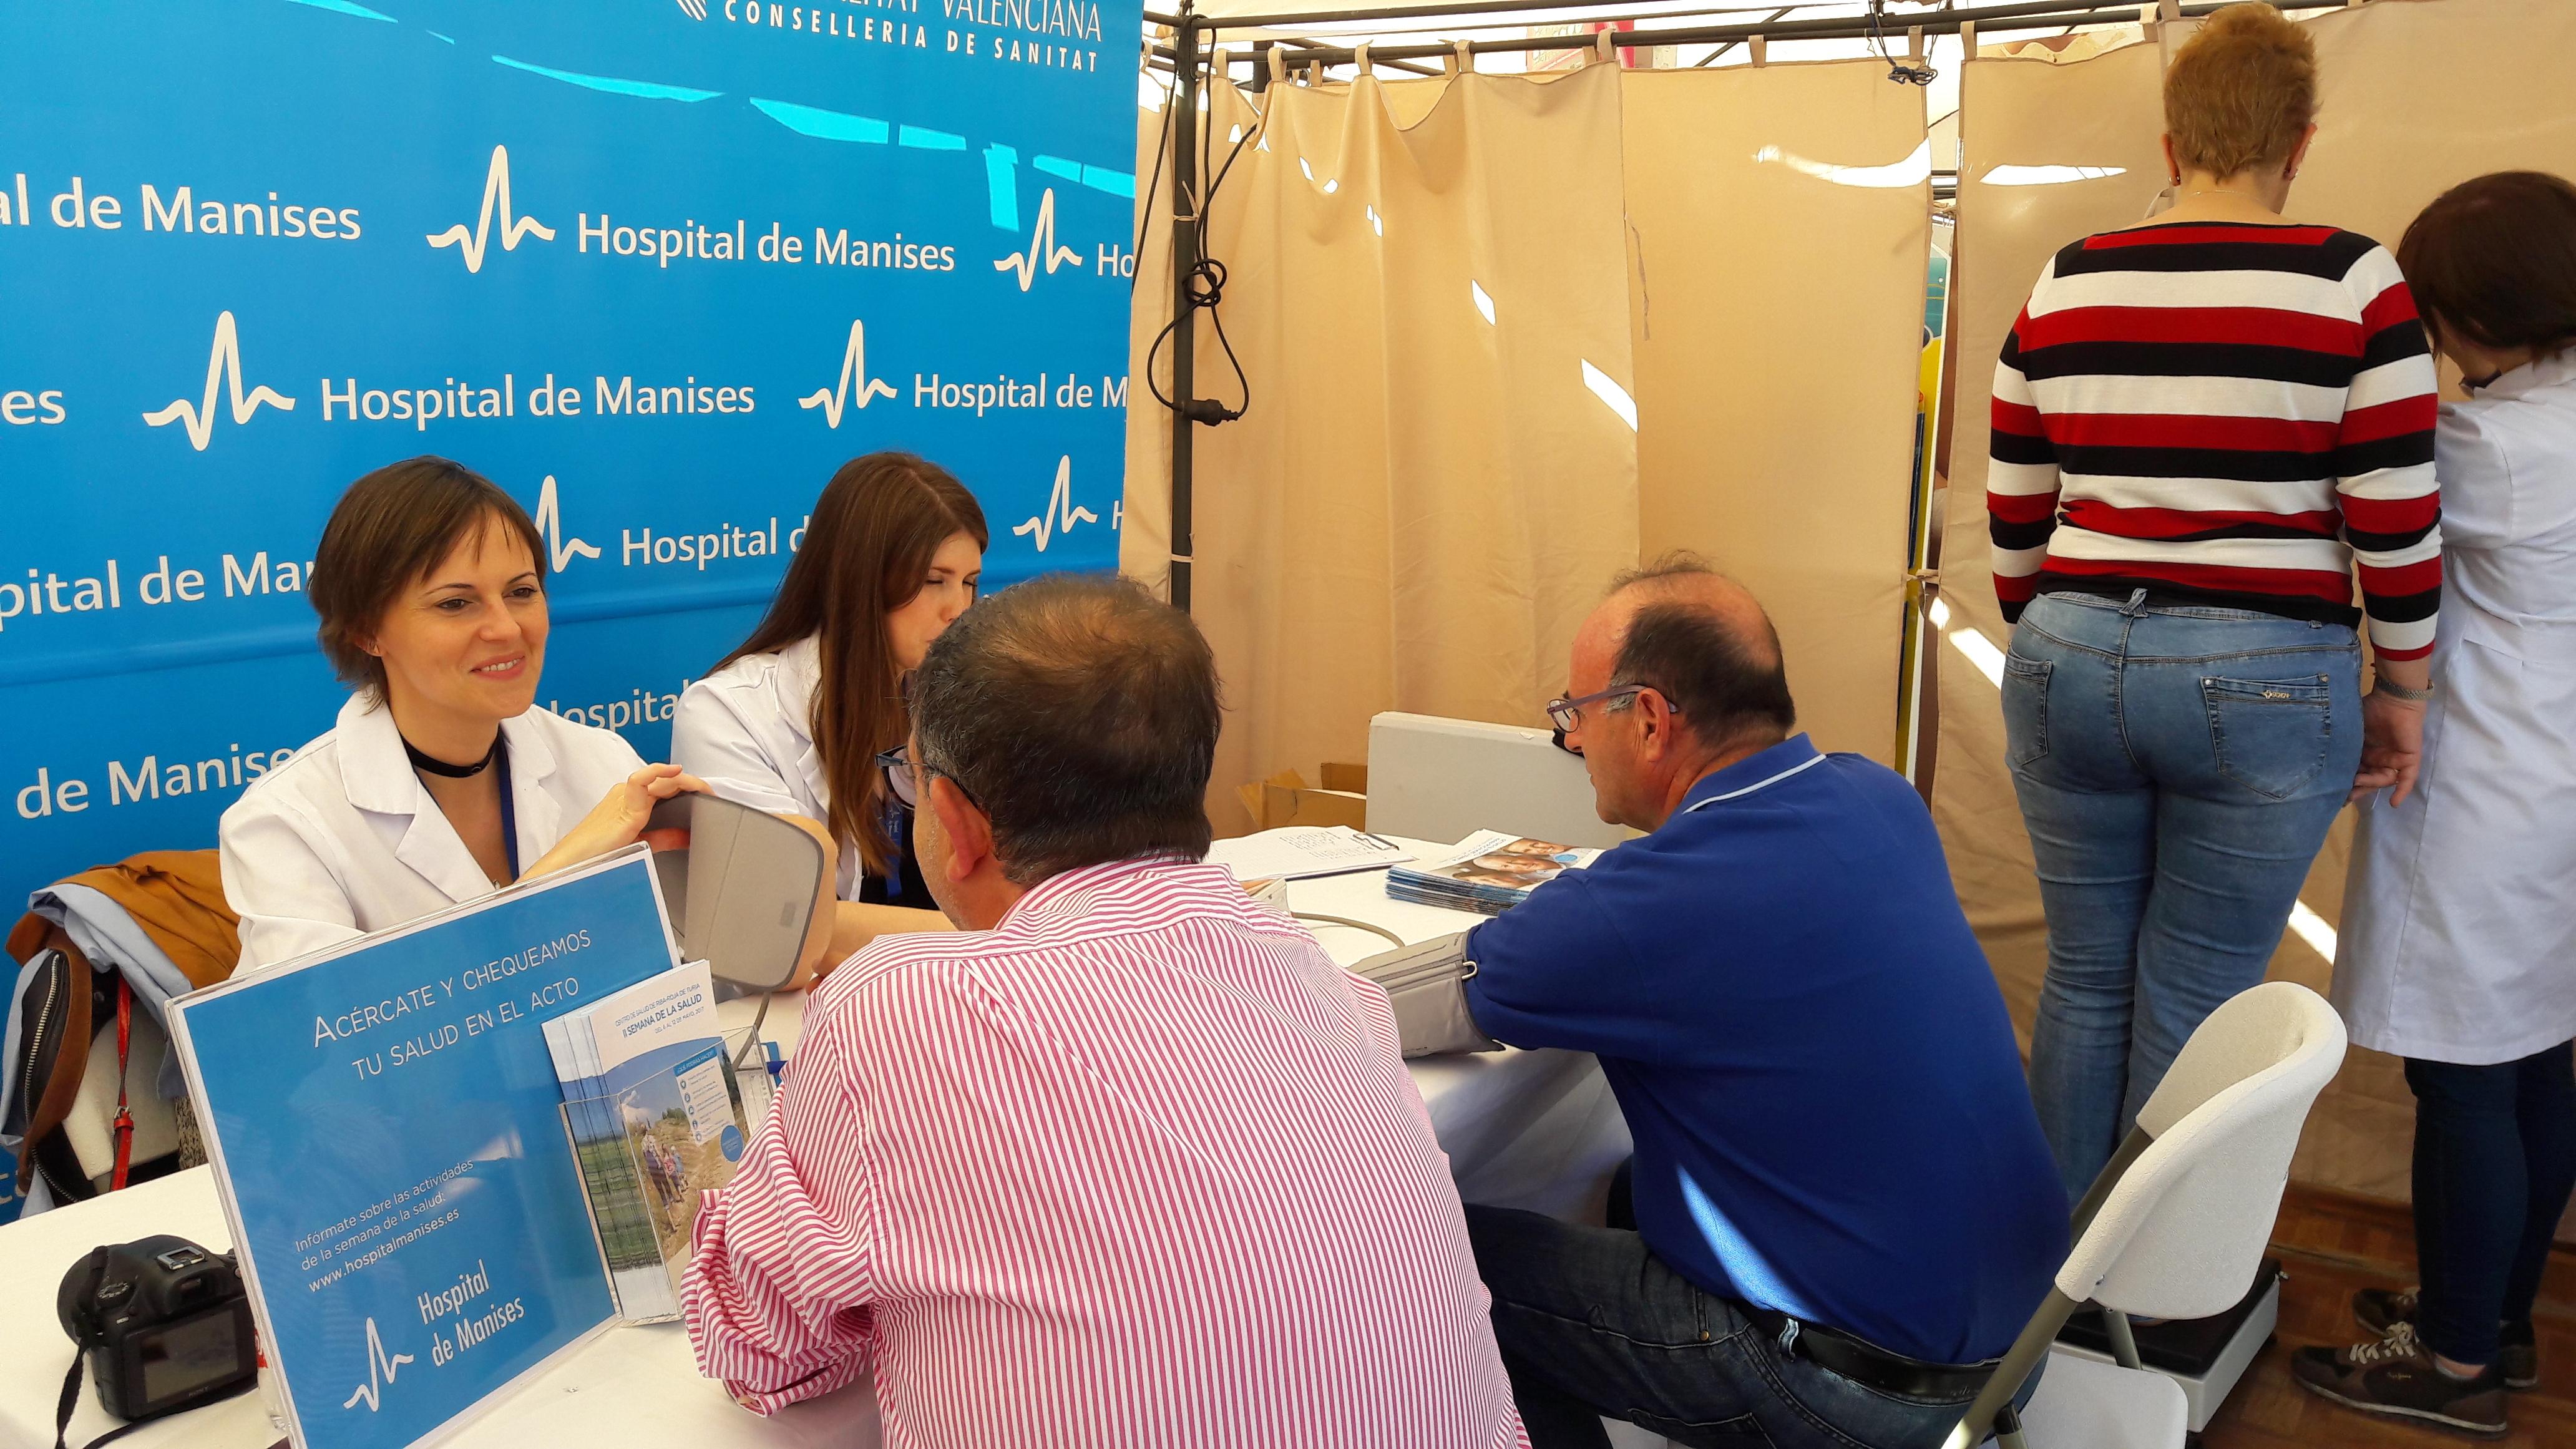 El Departamento de Salud de Manises ha organizado una campaña de promoción de la salud que contará con multitud de charlas y actividades.